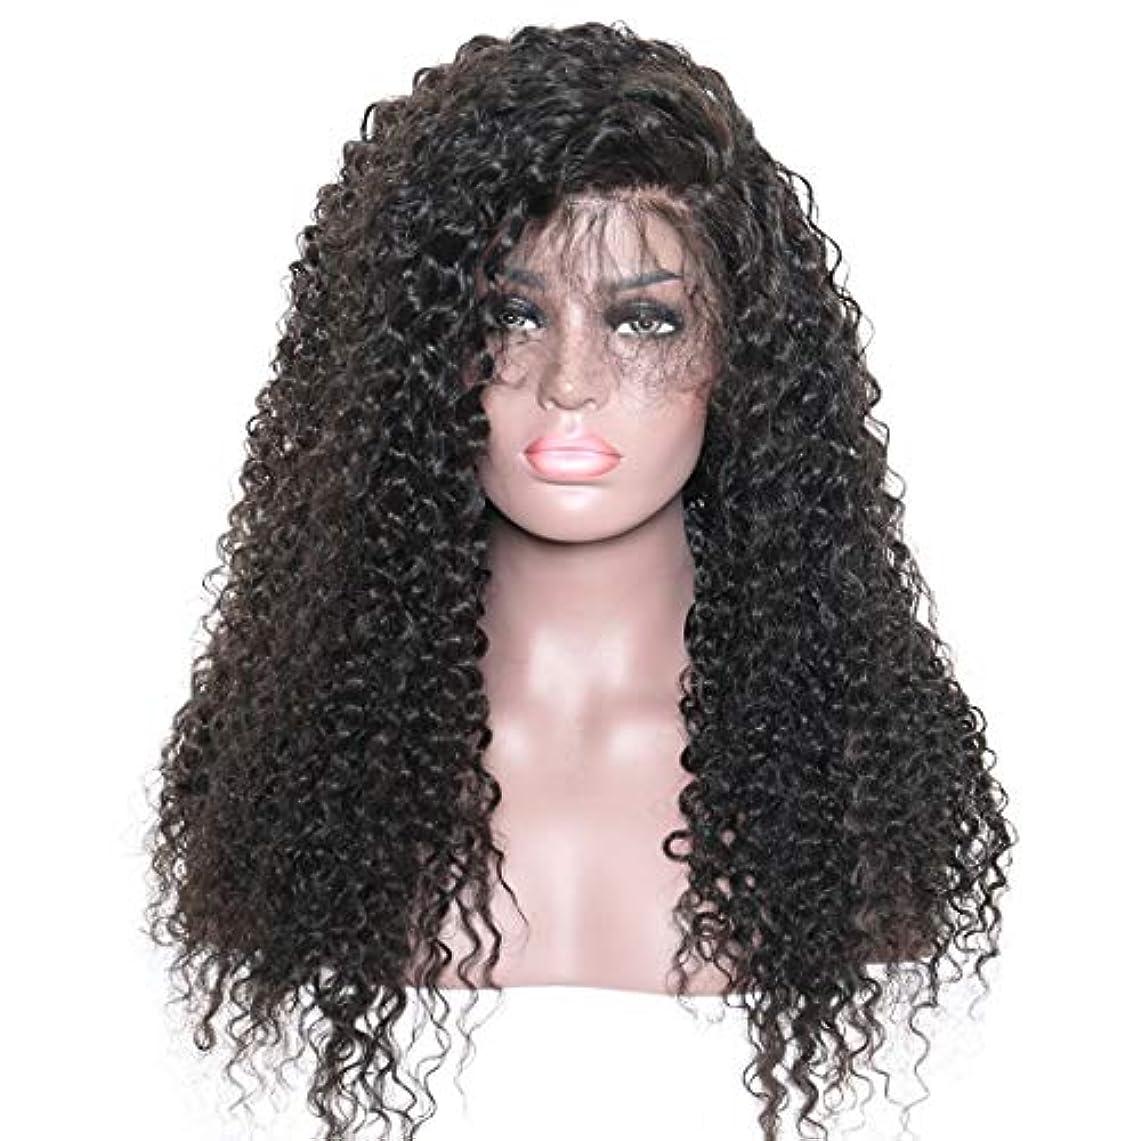 期間出口招待Koloeplf ウィッグキャップ付き前髪レースフロンウィッグ付きレディースロングカーリー合成ウィッグ (Color : Black)